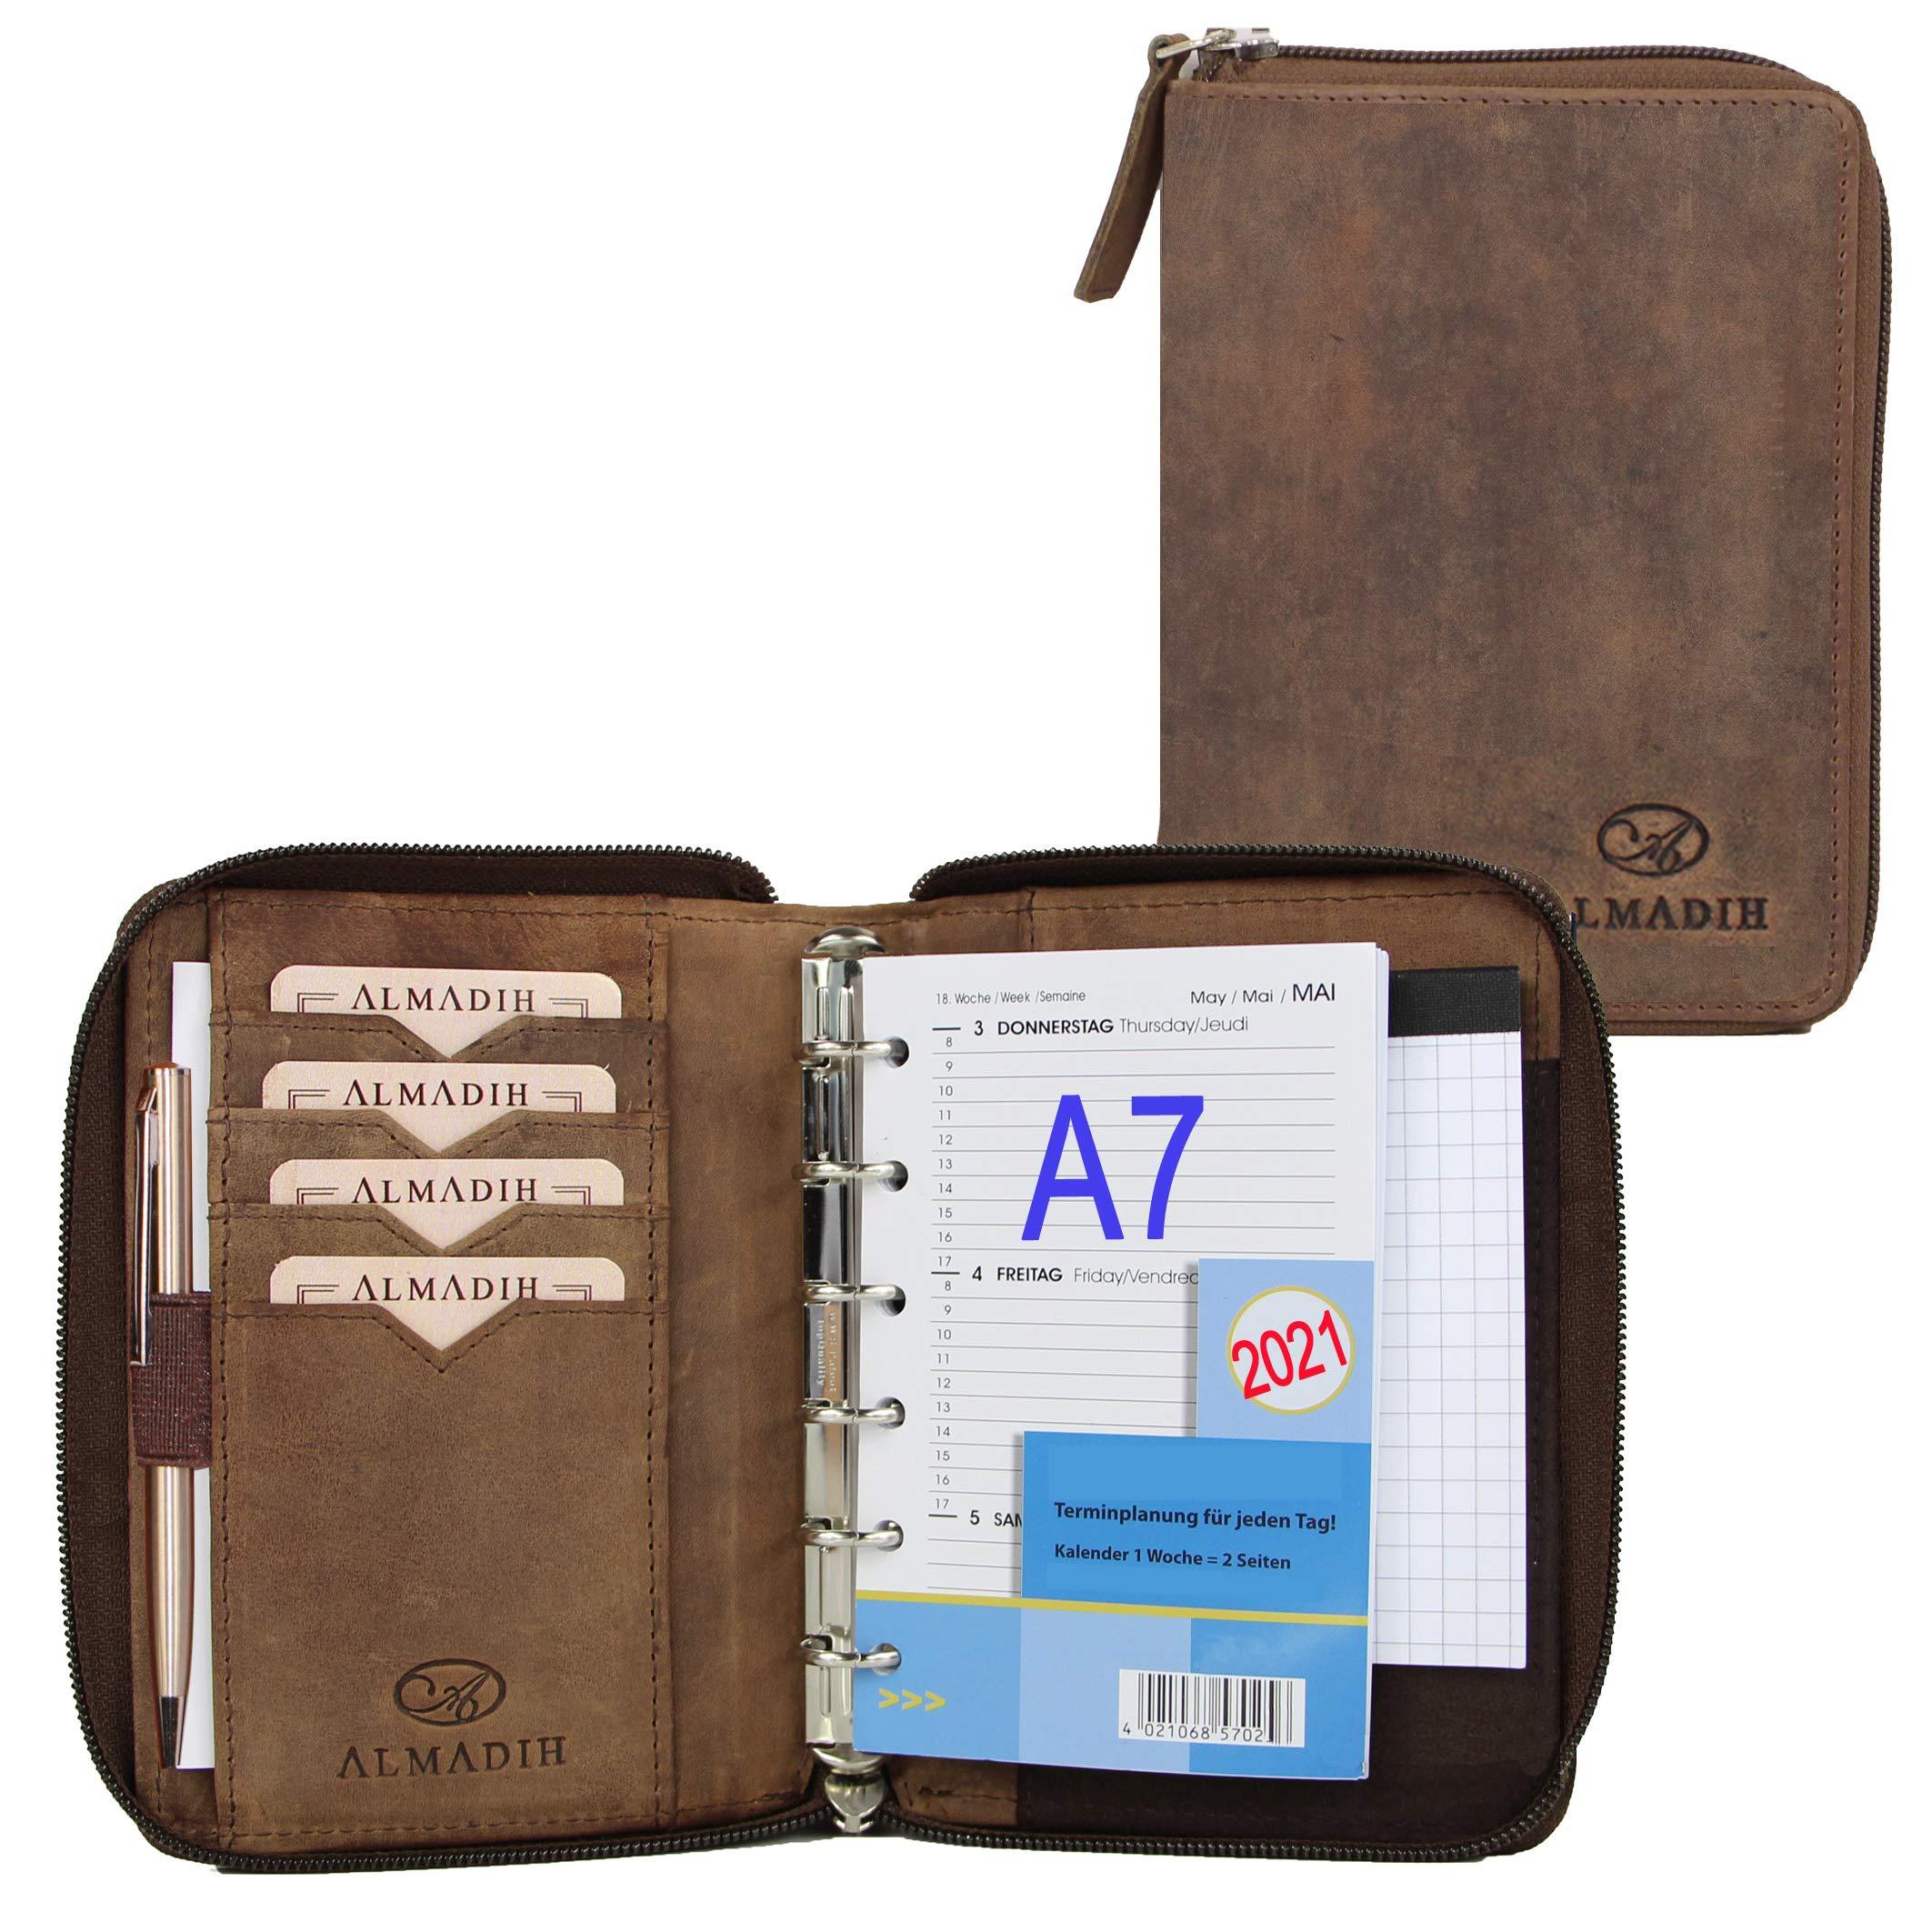 ALMADIH piel A7 Organizador 2020 & 2021 + Calendario + bloc de notas de piel marrón